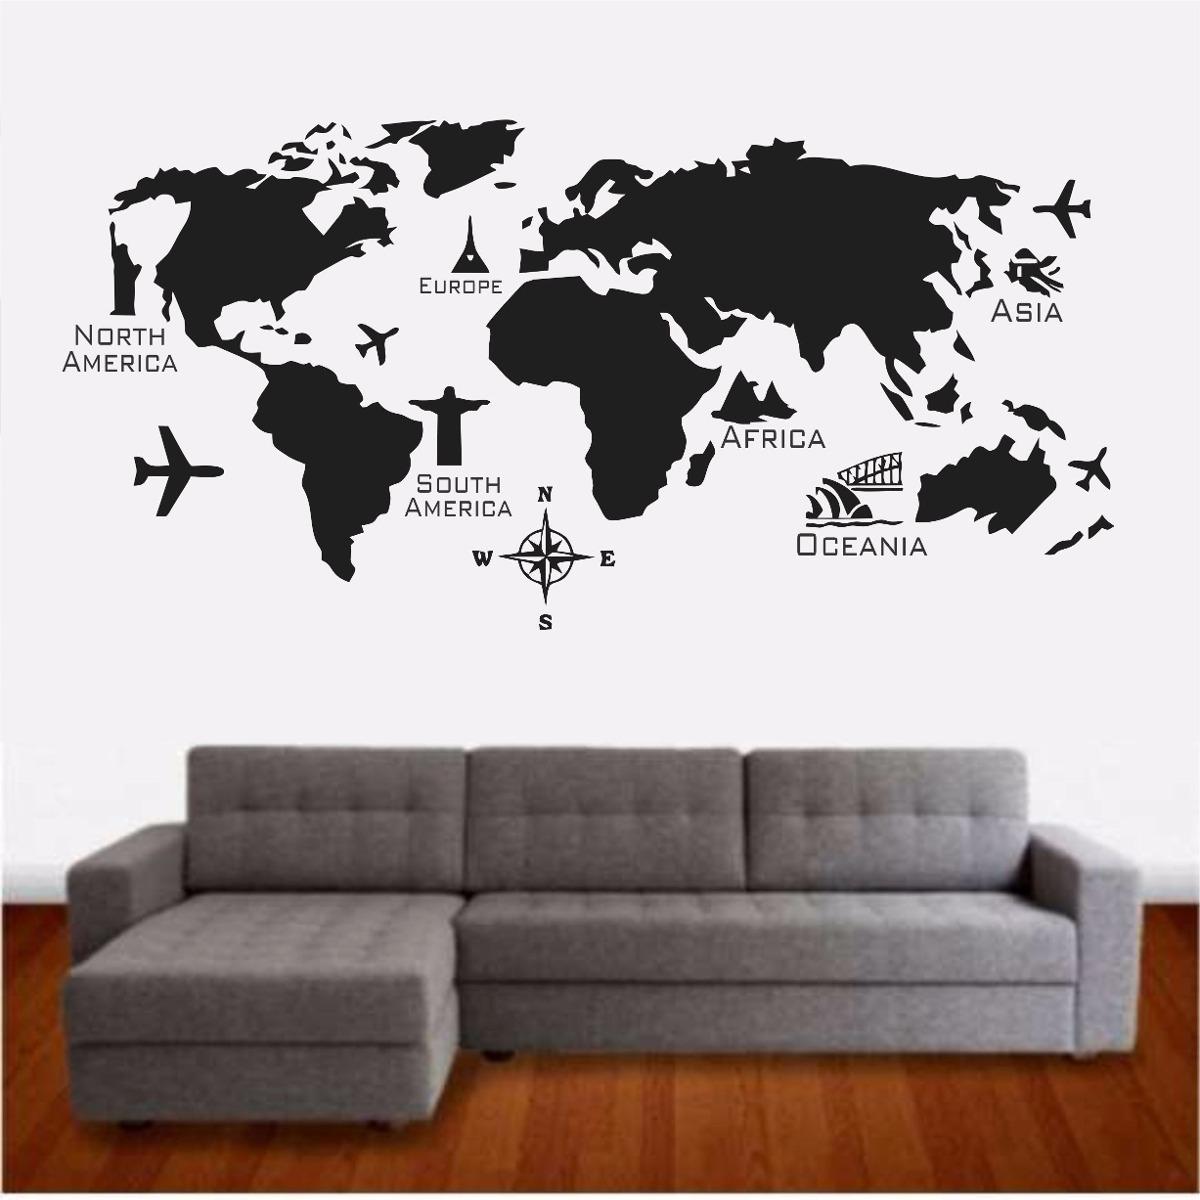 Armario Que Vira Mesa Tok Stok ~ Adesivo Parede Sala Mapa Mundi Viagem Continente Europa